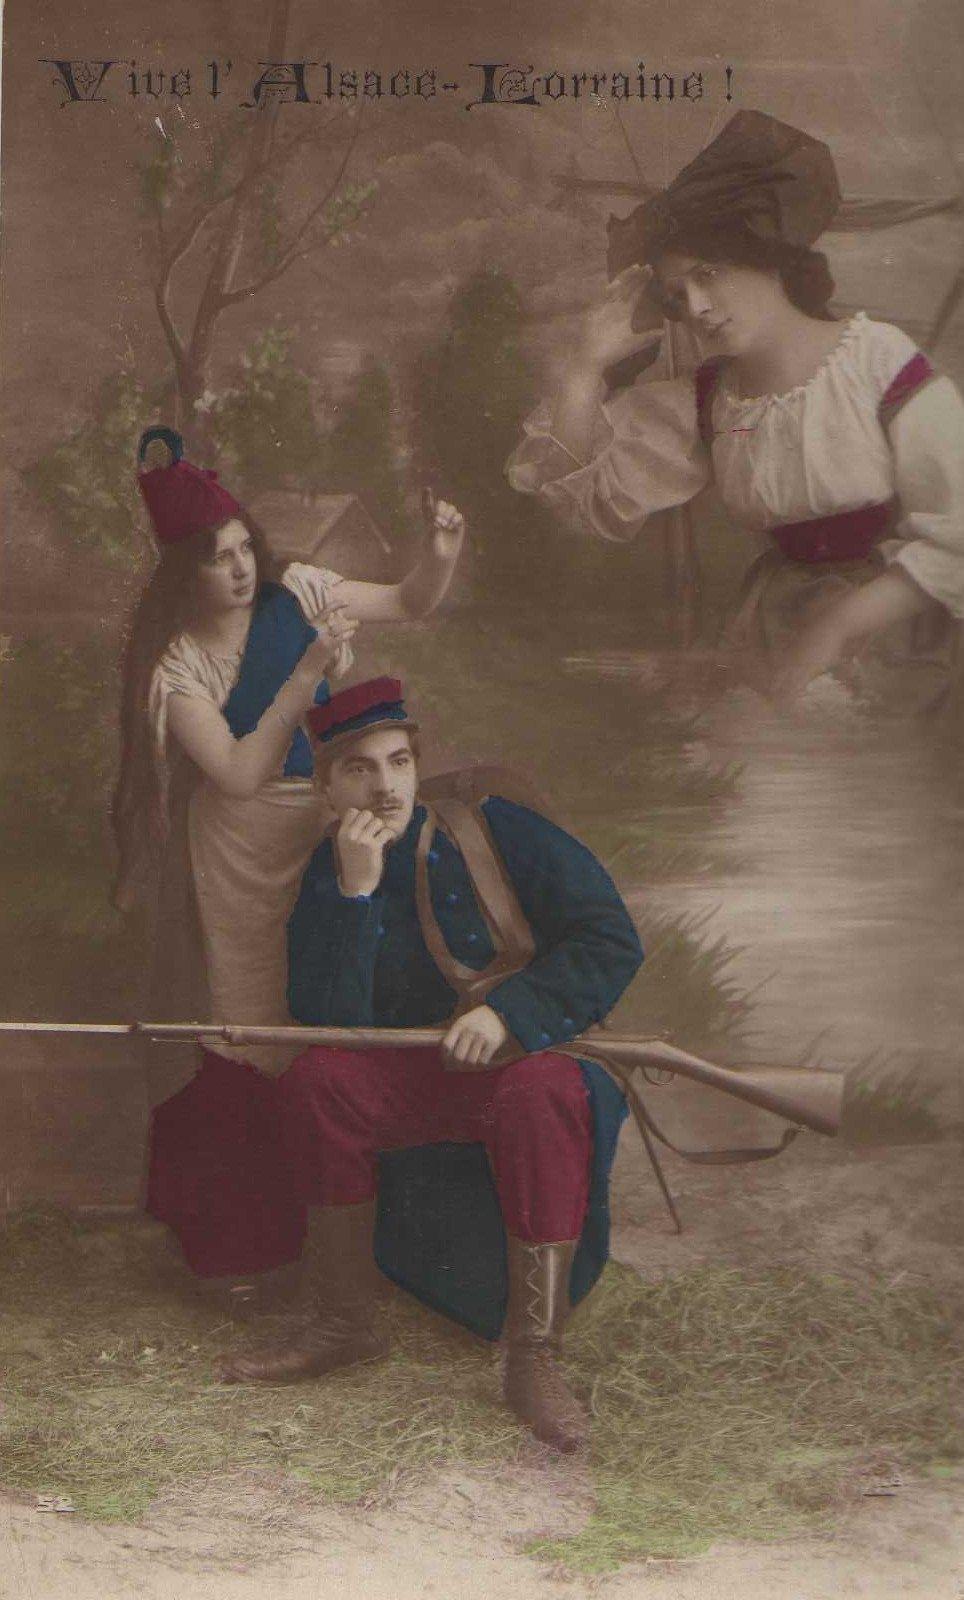 Exposition 2014-2018 : L'ode à Metz ou l'espoir du retour à la France de l'Alsace-Lorraine